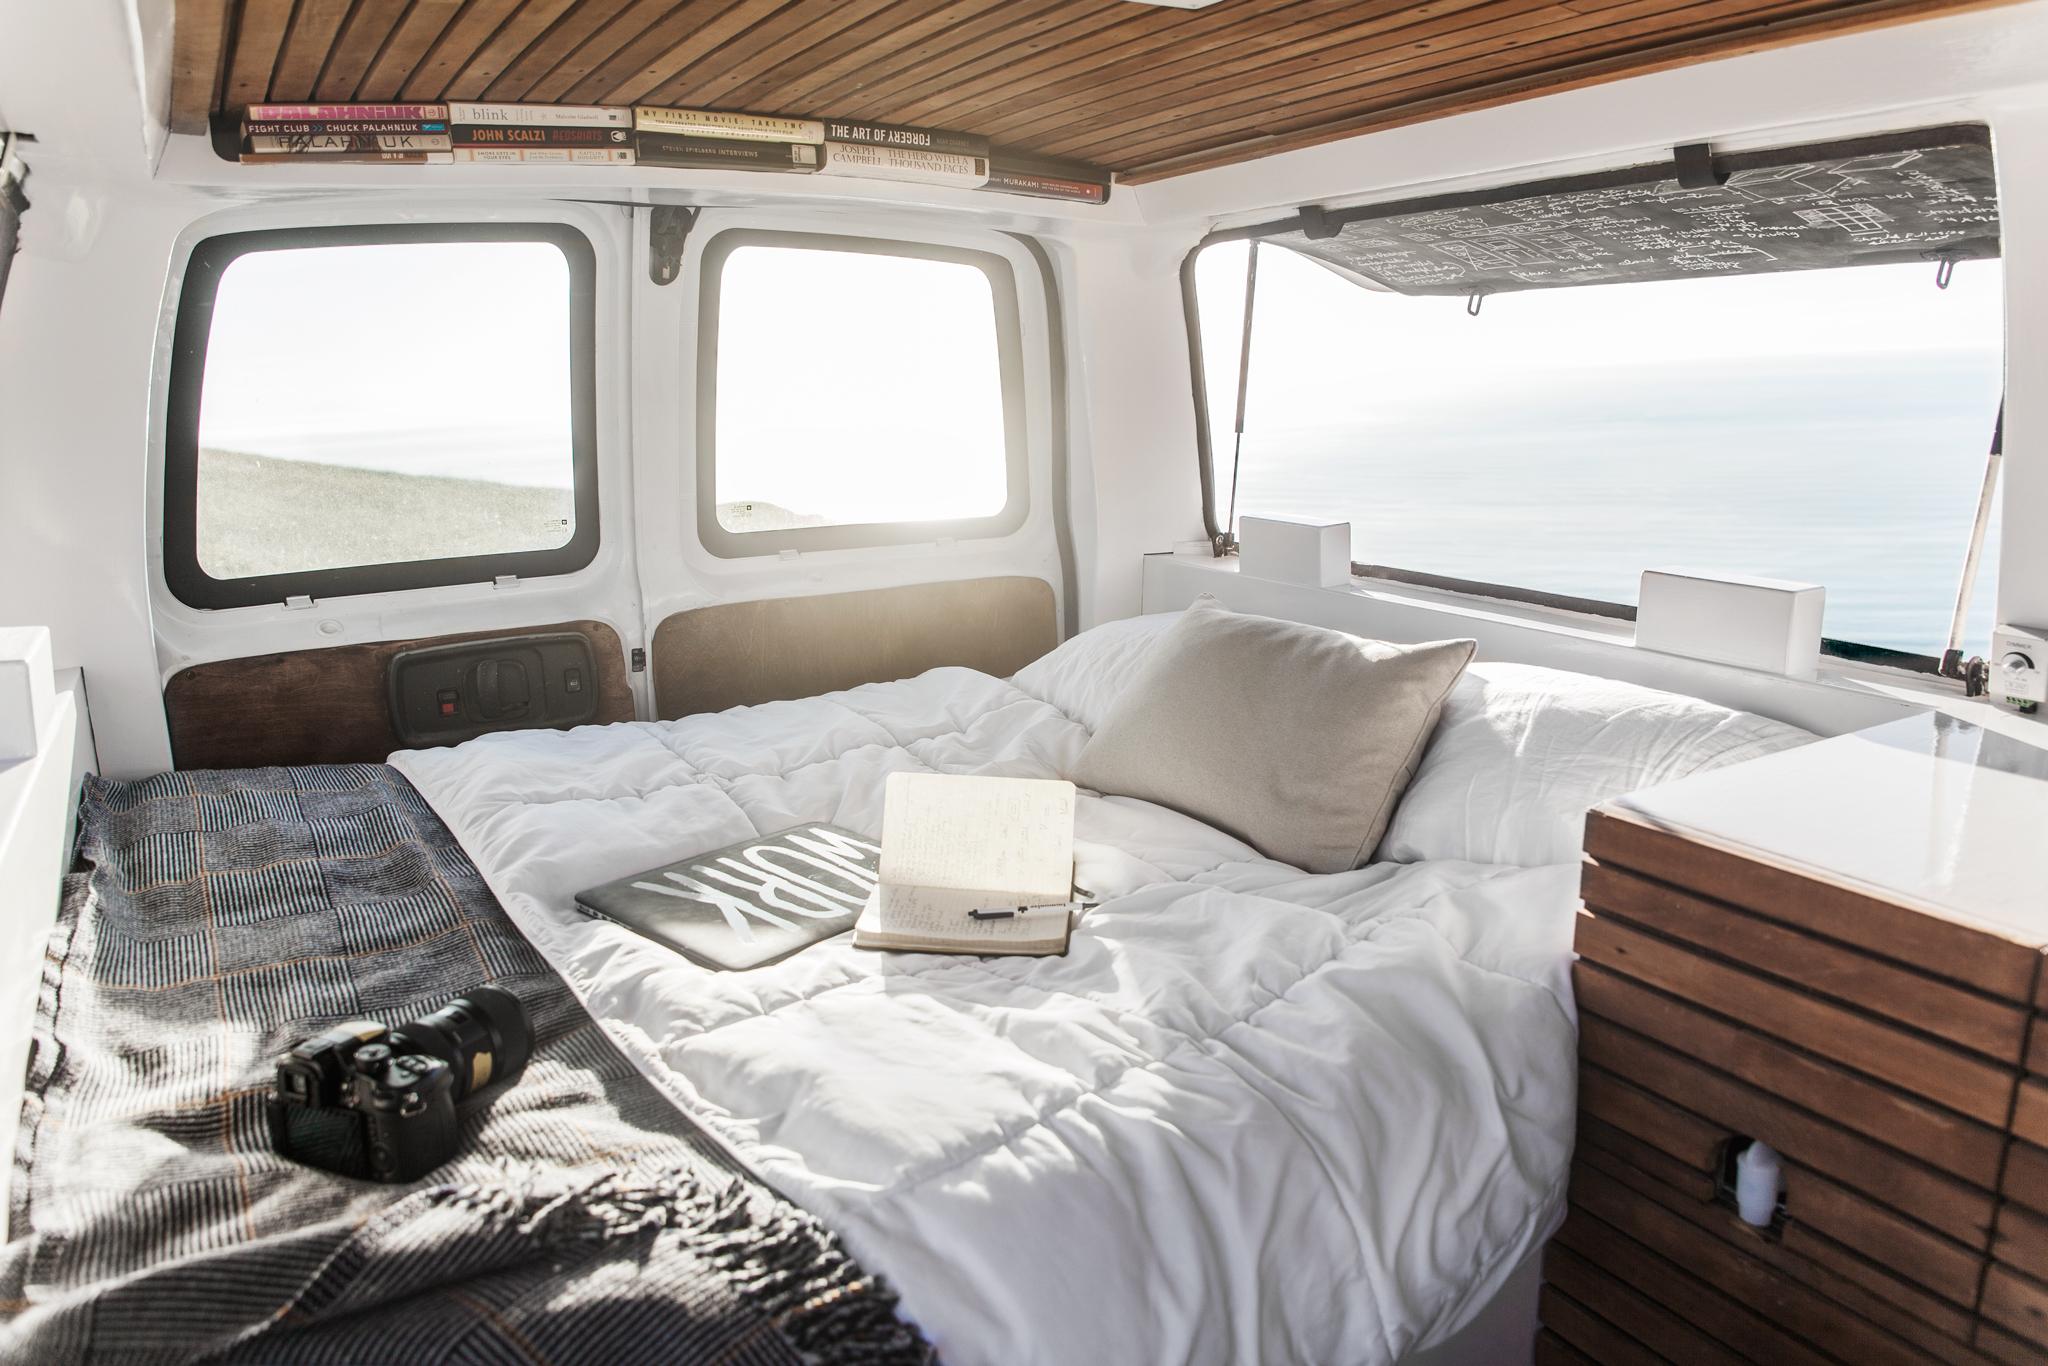 Filmmaker zach both heeft zijn busje verbouwd tot een luxe studio ...